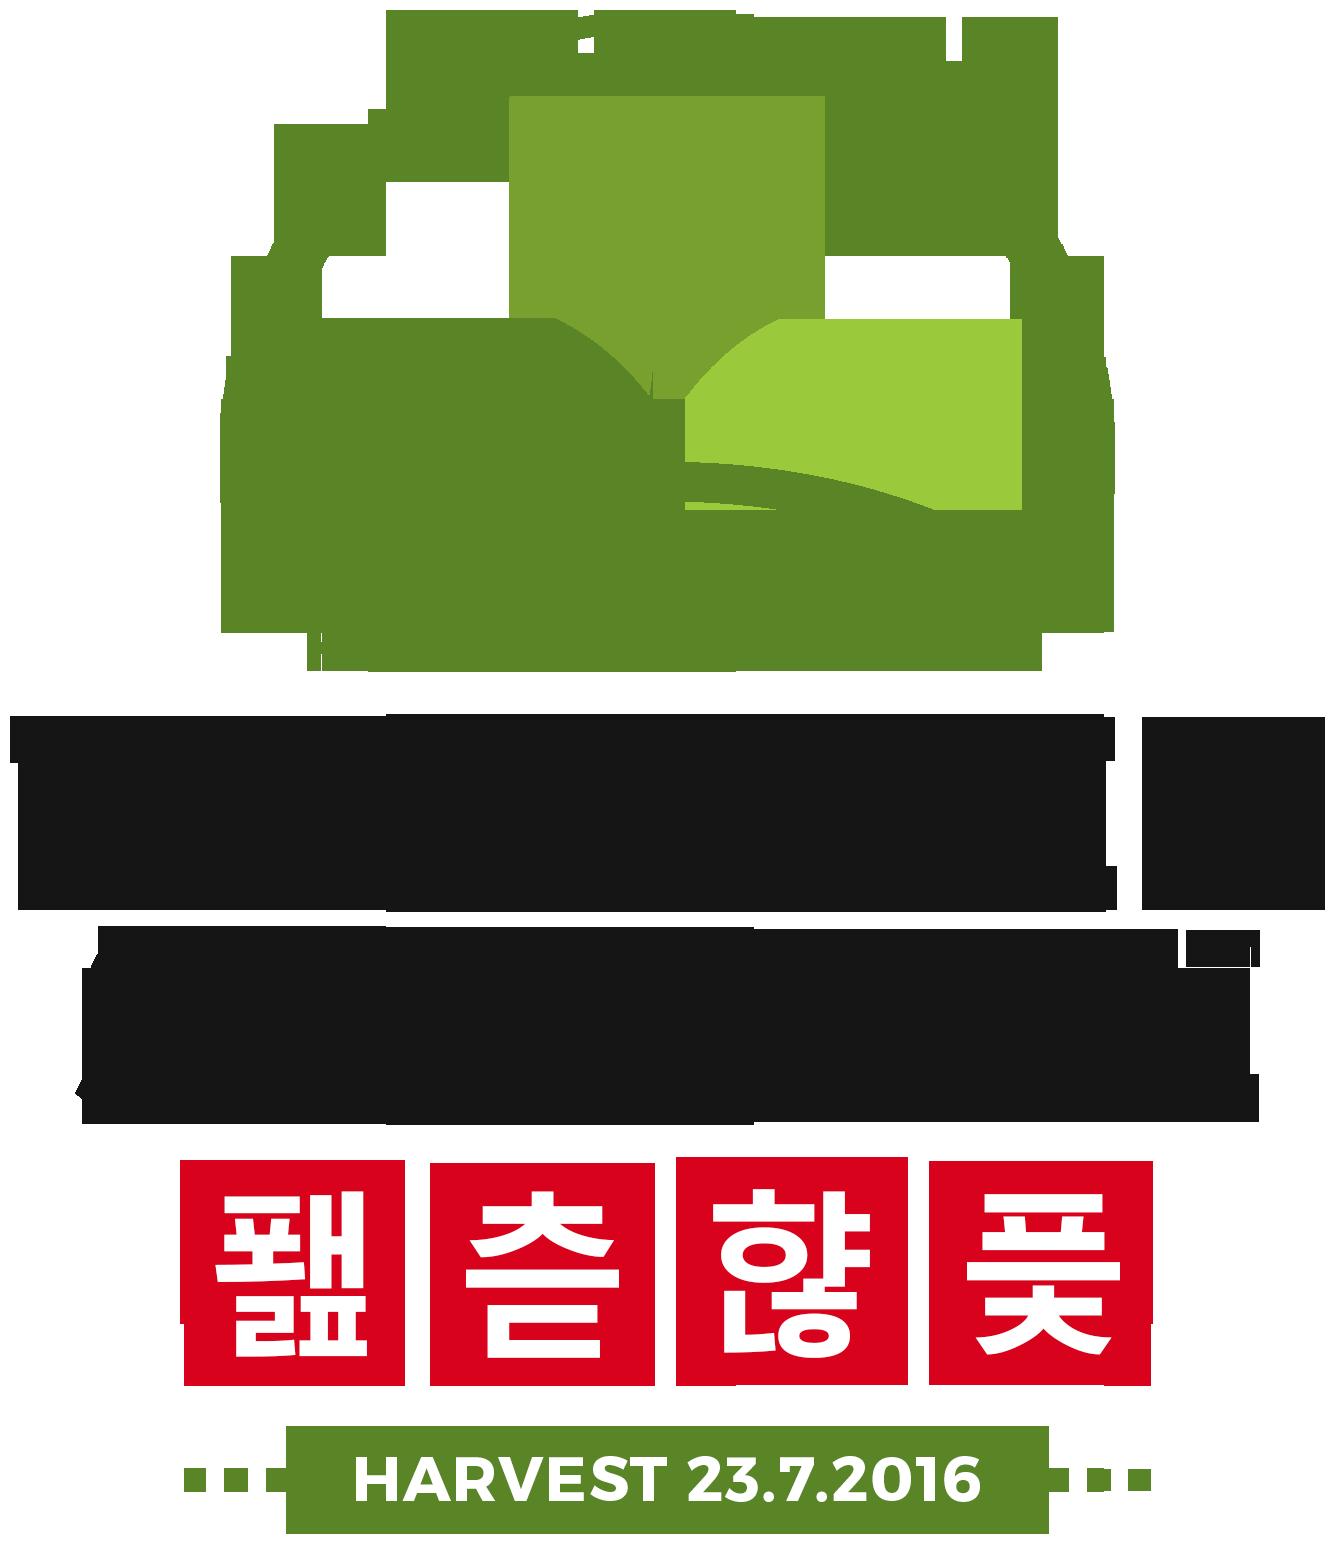 Trassen special